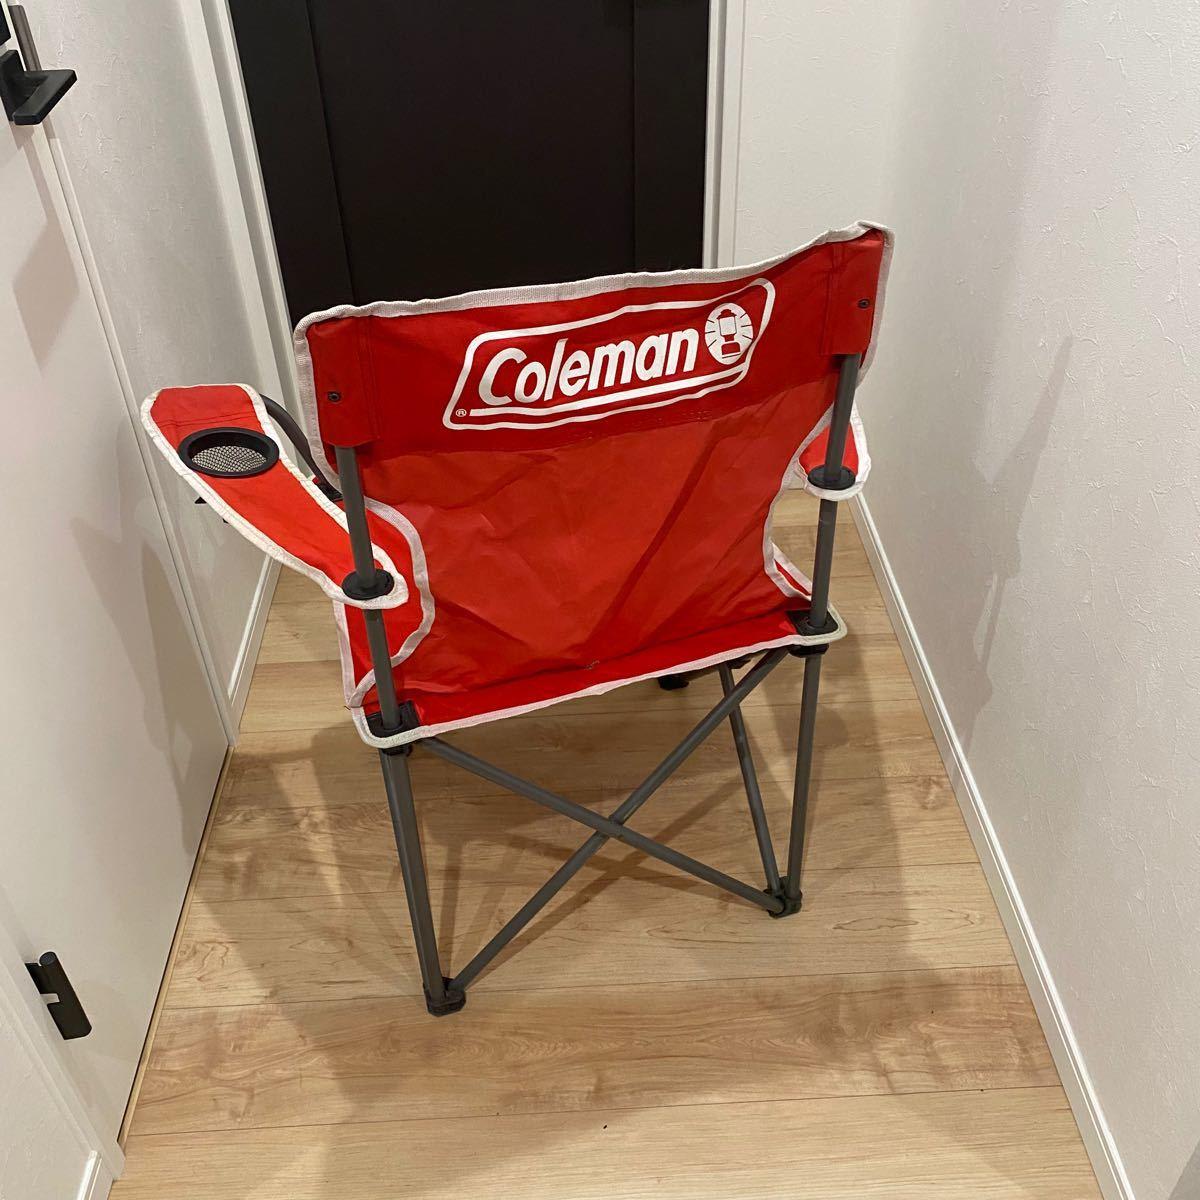 コールマン 折り畳みチェア 2脚セット Coleman アウトドア 折りたたみチェア